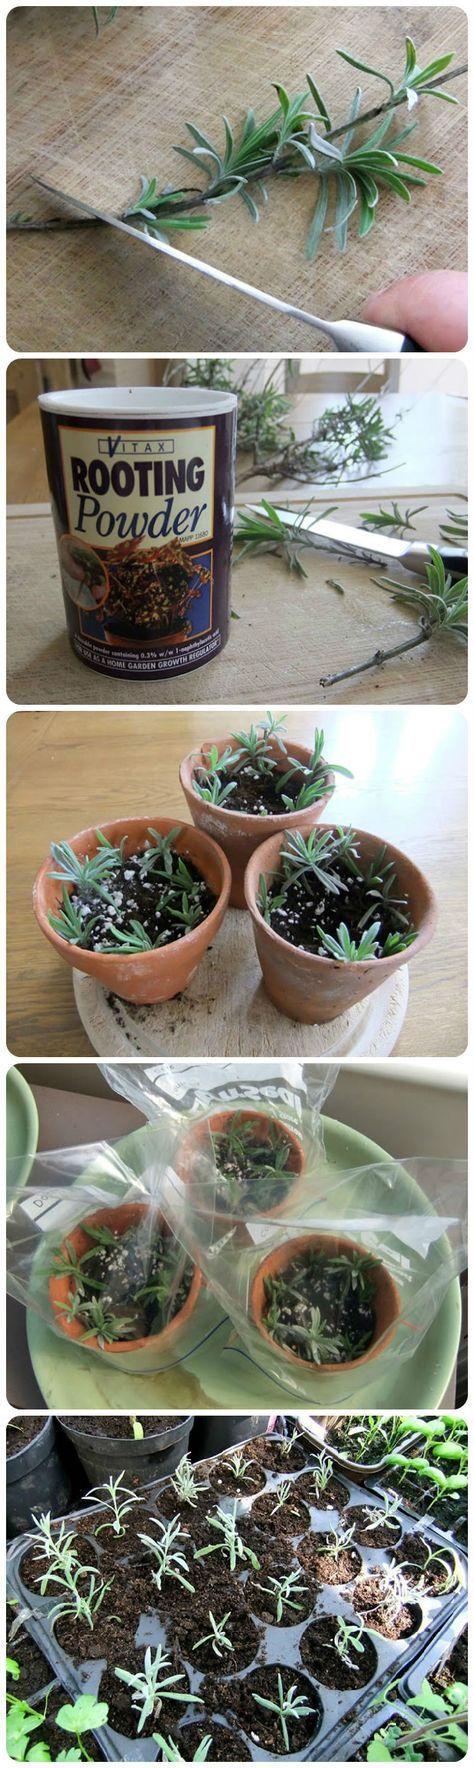 Aprende a propagar la lavanda lavanda plantas y jardiner a - Lavanda cuidados maceta ...